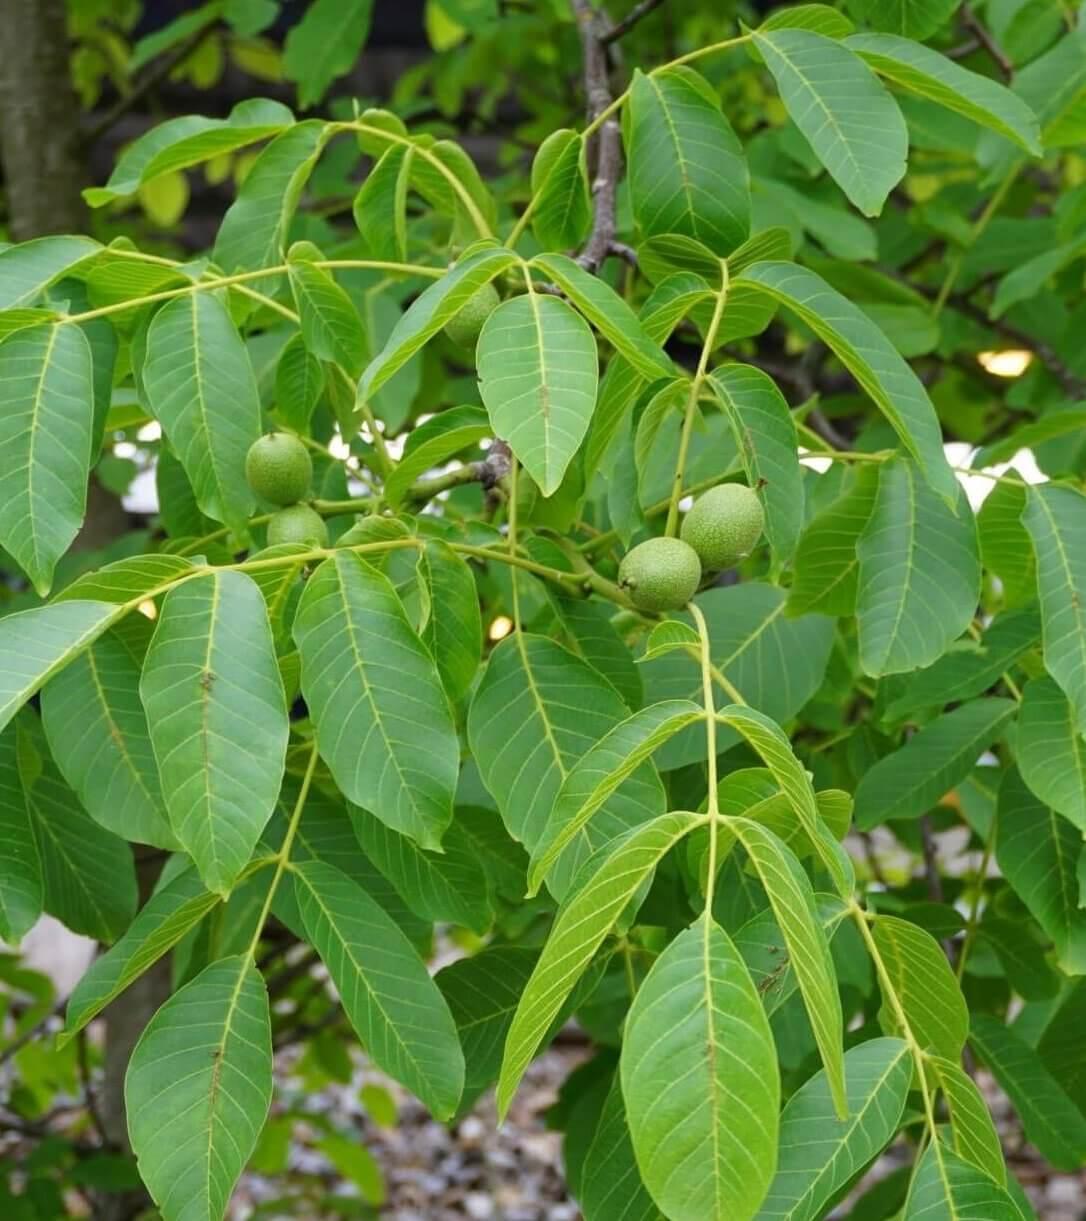 Das Bild zeigt die reifenden Früchte an einem Walnuss-Baum am S- und U-Bahnhof Wuhletal Ende Juni. Die Oberflächen sind grün. Im Inneren reifen die Nussfrüchte heran.